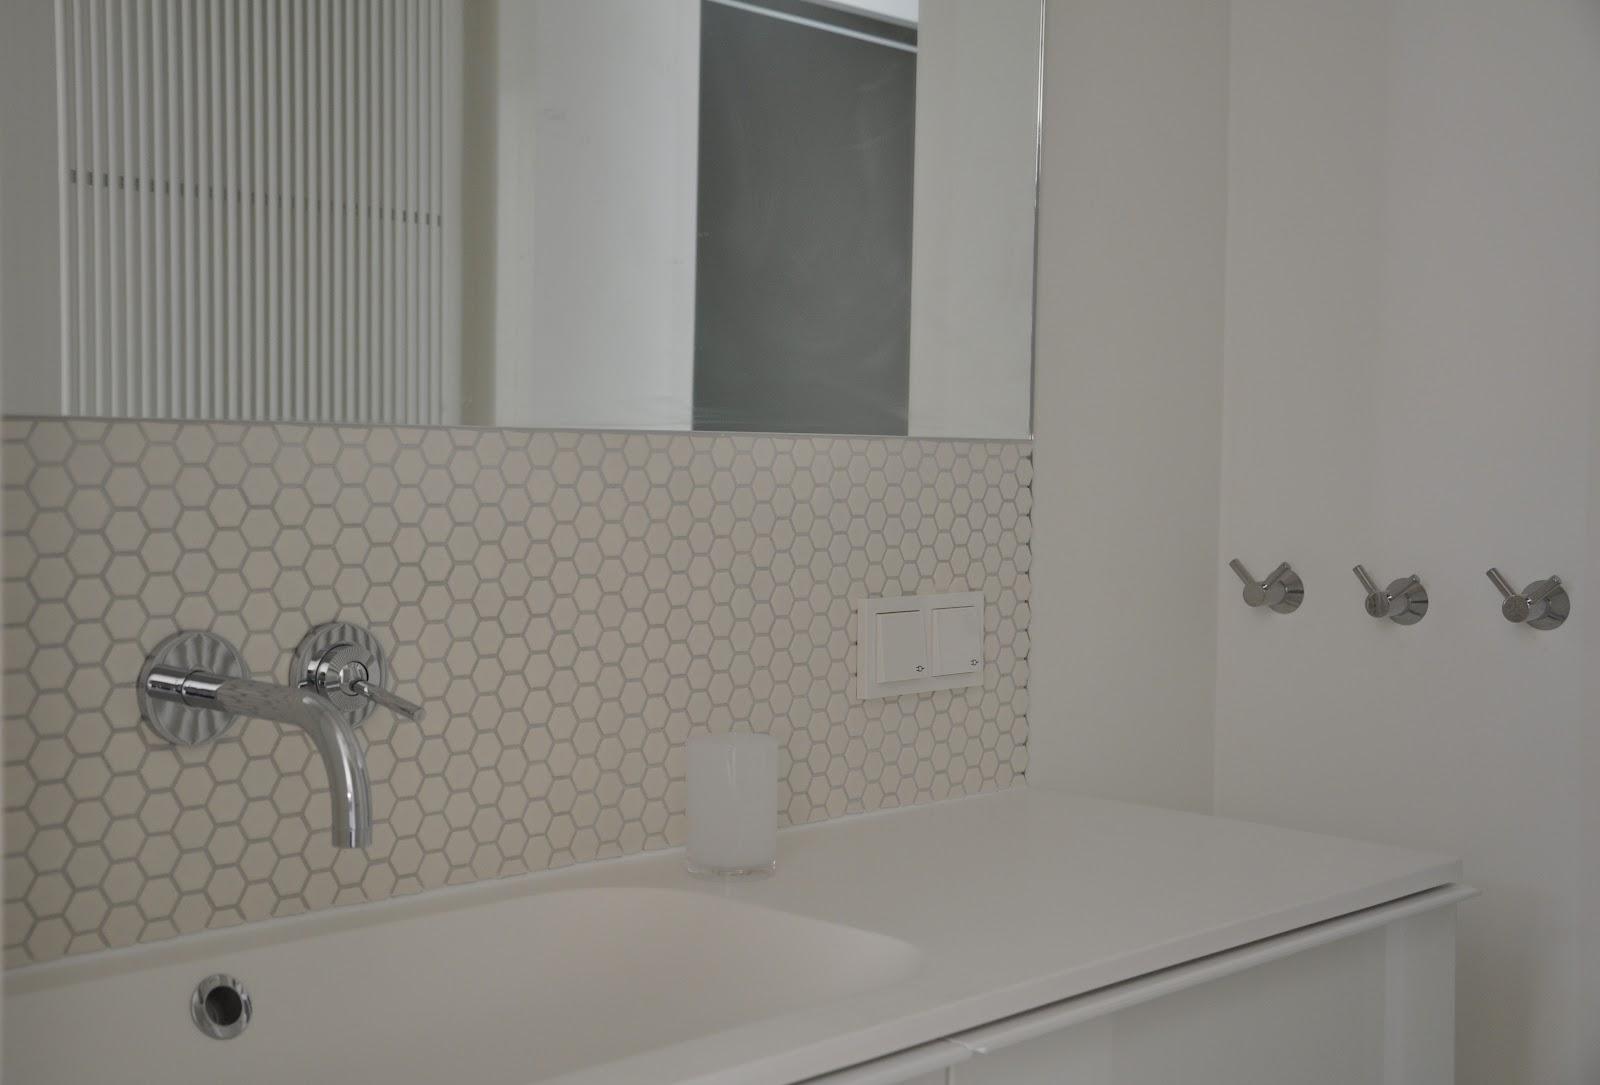 Ikea Badkamer Bovenkast : Badkamer meubels ikea de badkamer de website van adrianastyling